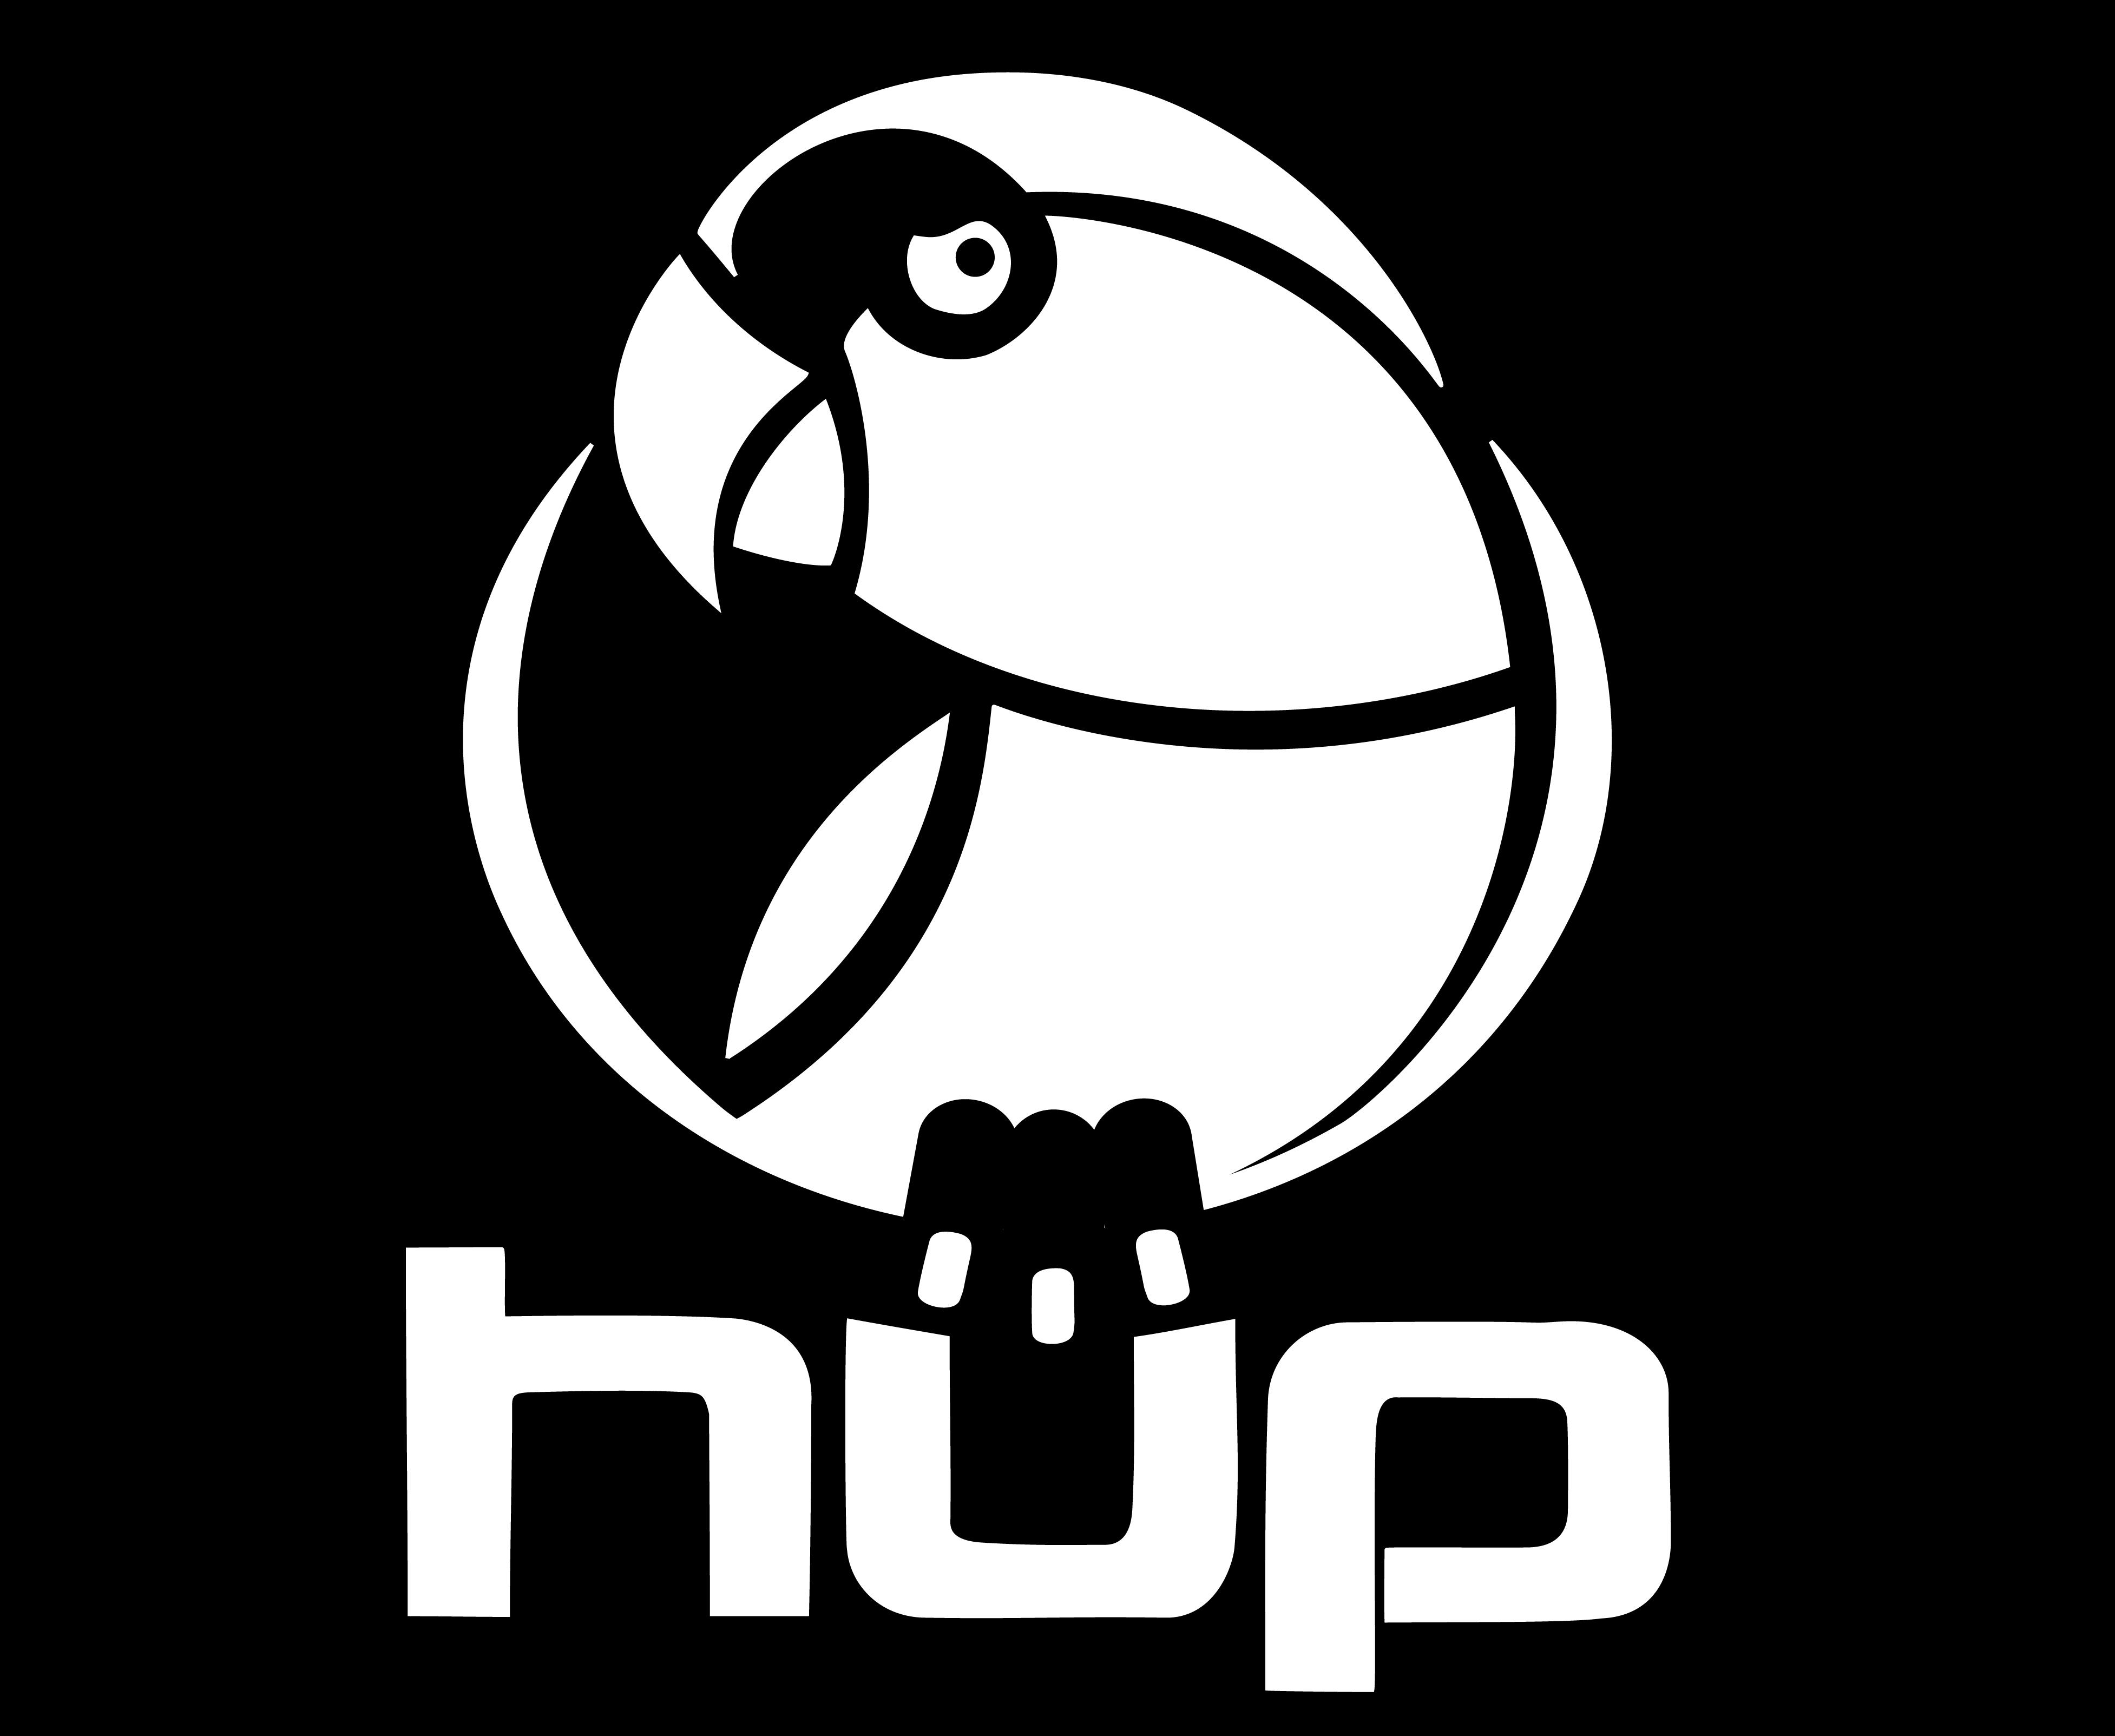 HUPLogoWonB